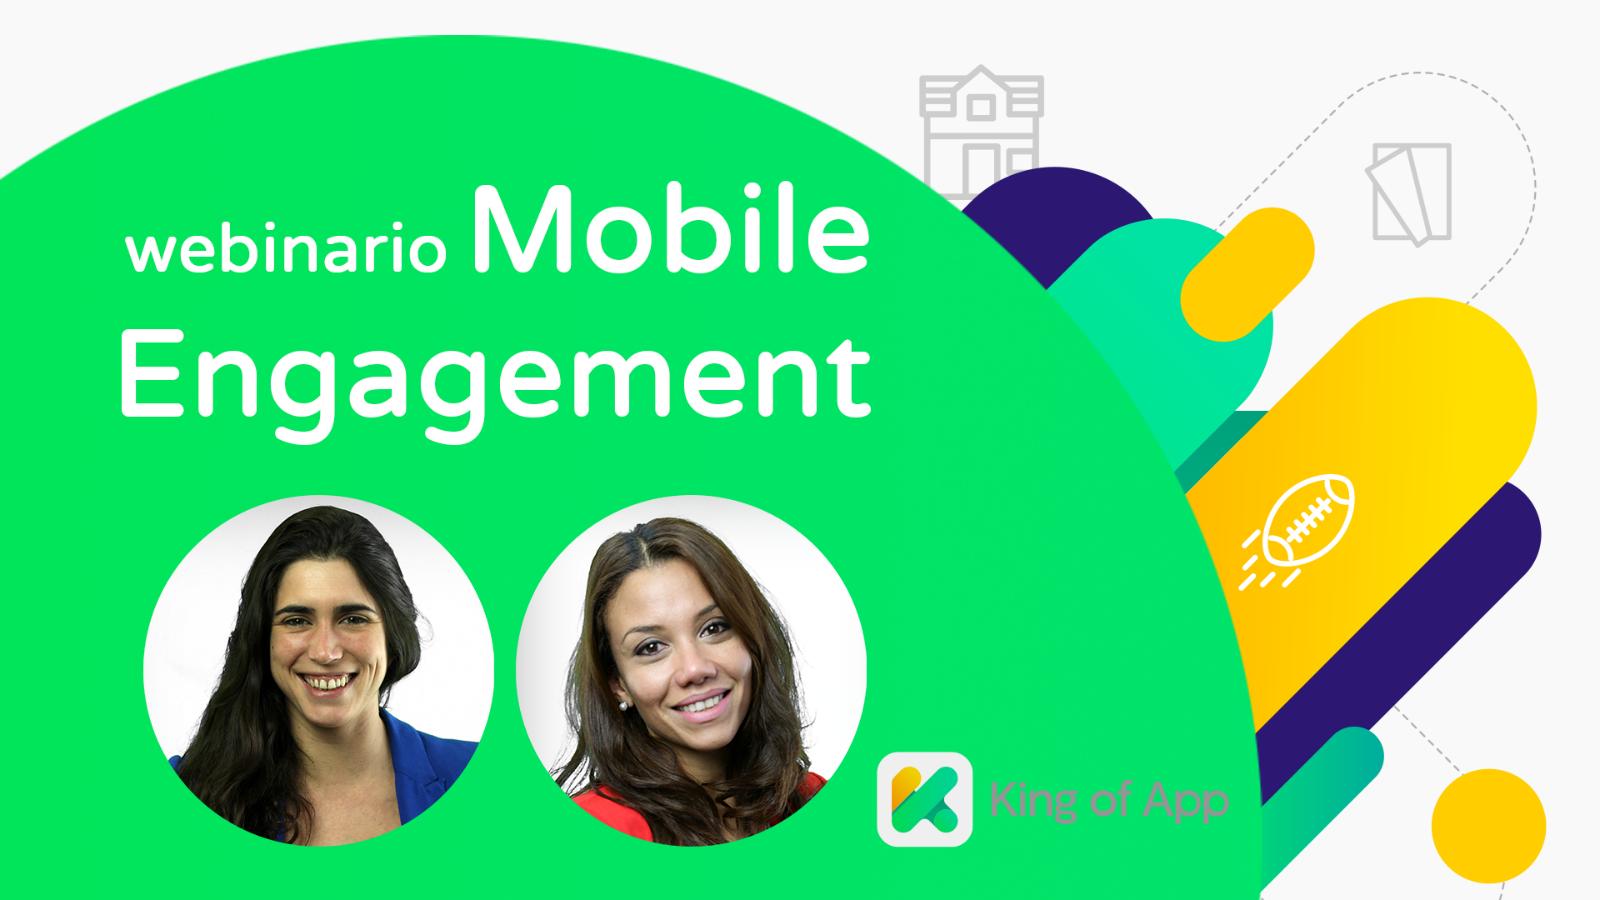 [WEBINARIO] ¿Cómo posicionar tu app y generar engagement con tus usuarios?